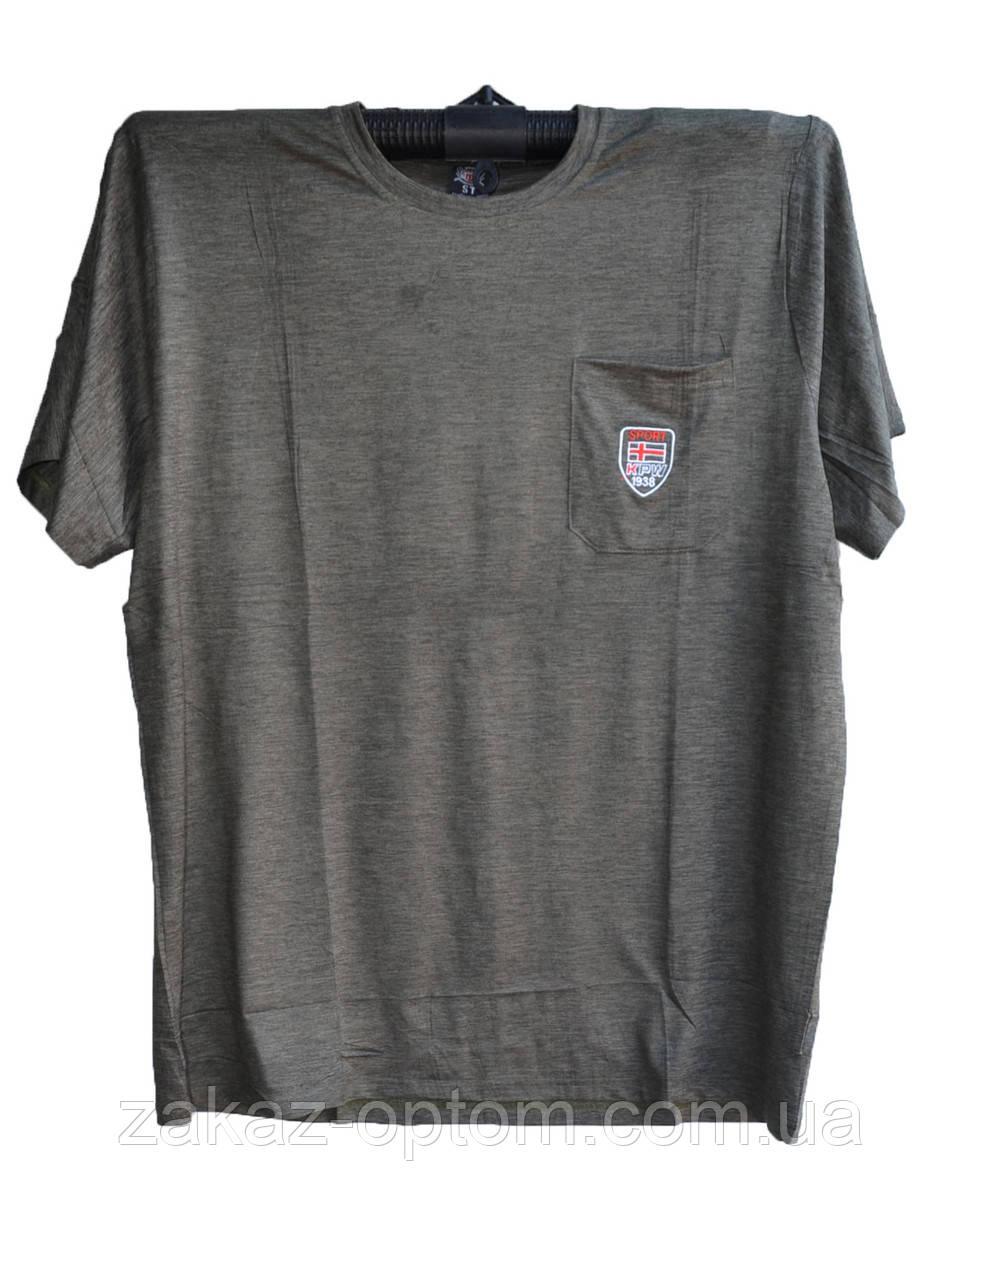 Футболка чоловіча В'єтнам (54-62) А45 -73997